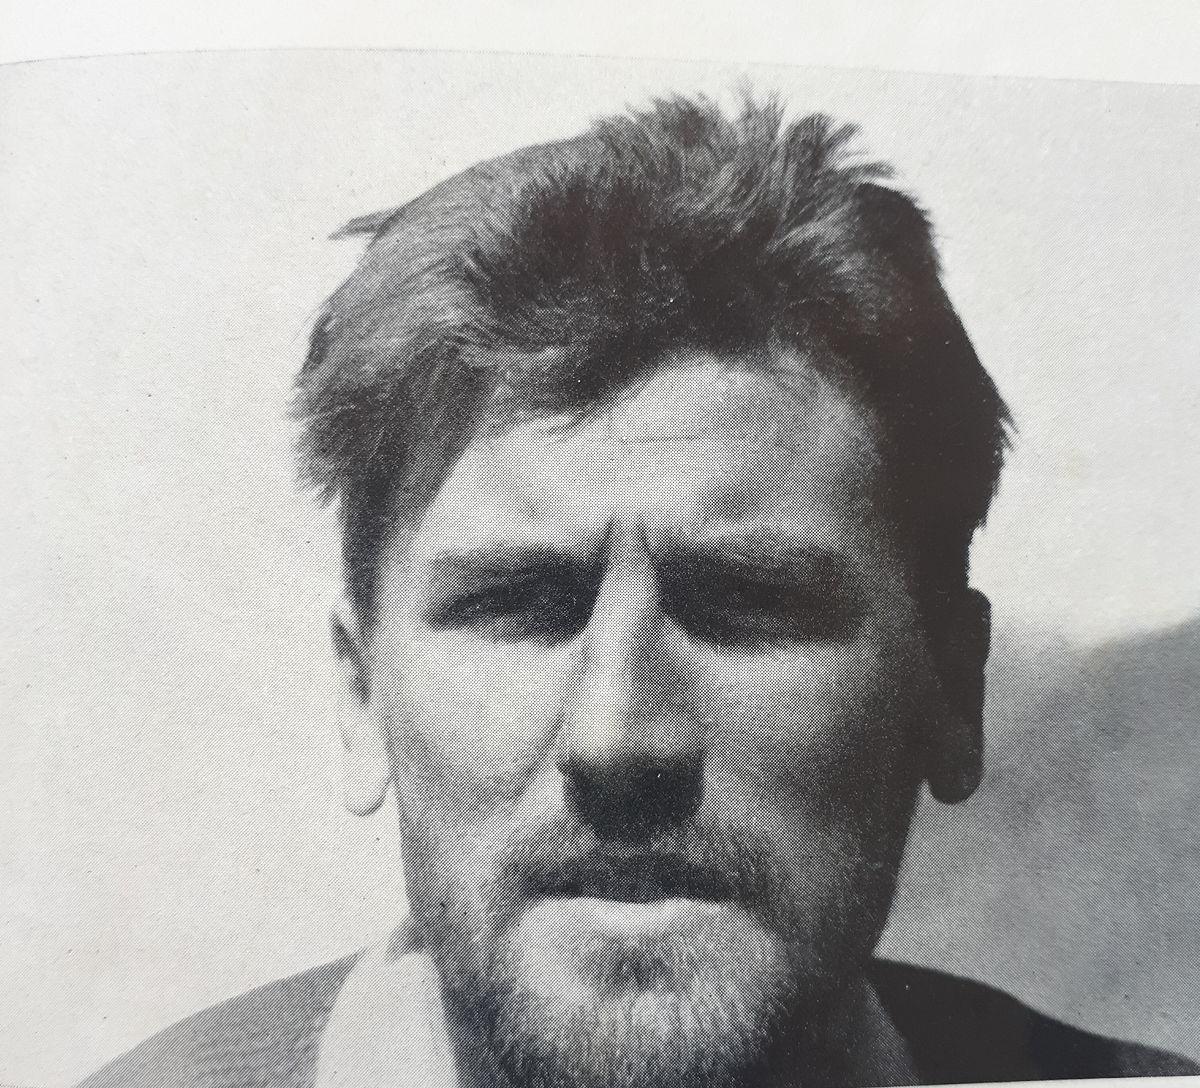 Nino Callegari